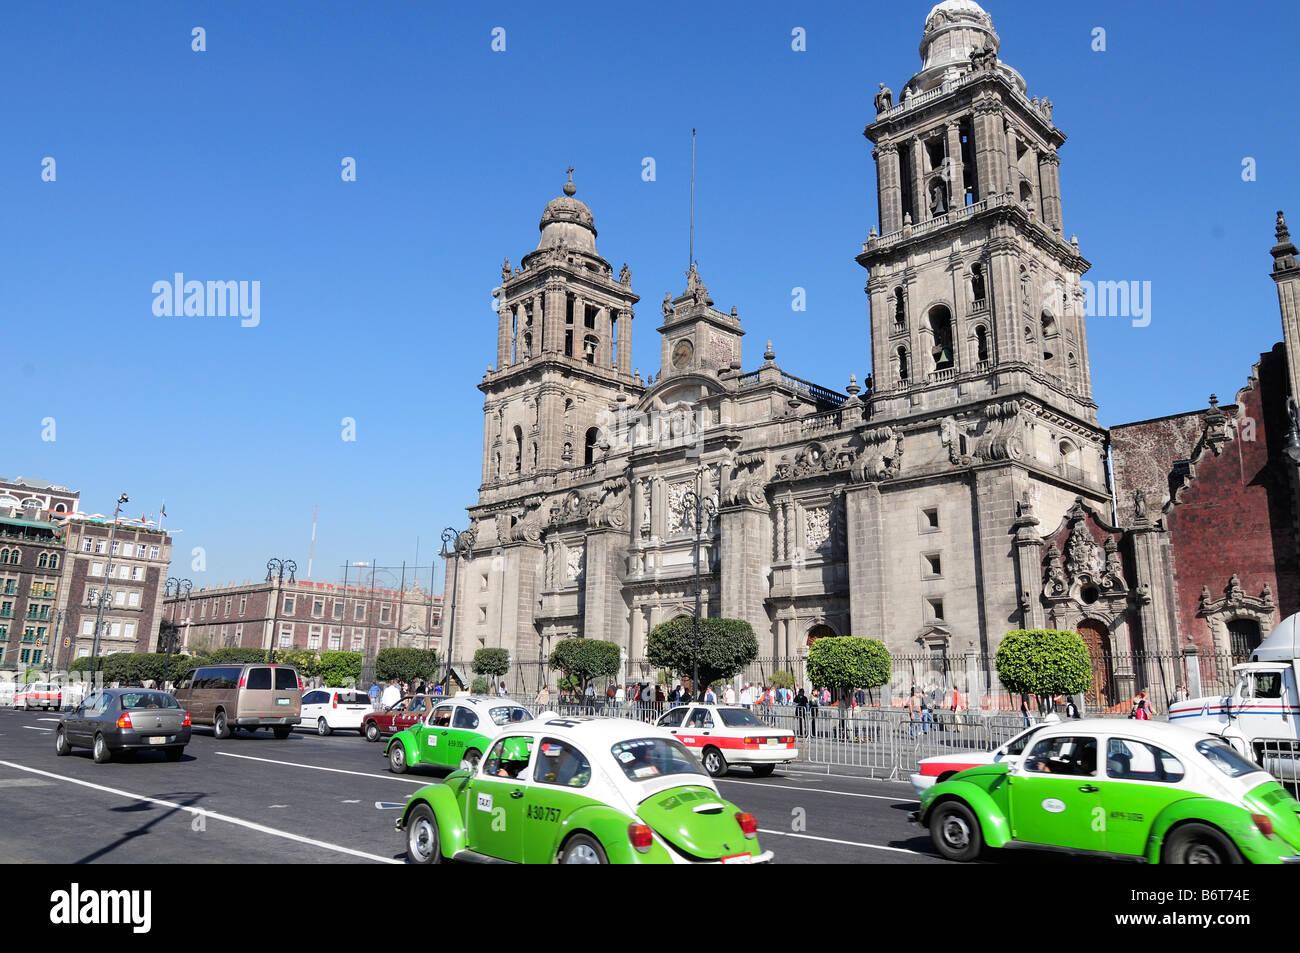 Tráfico en frente de la Catedral Metropolitana en el Zócalo, Ciudad de México. Imagen De Stock